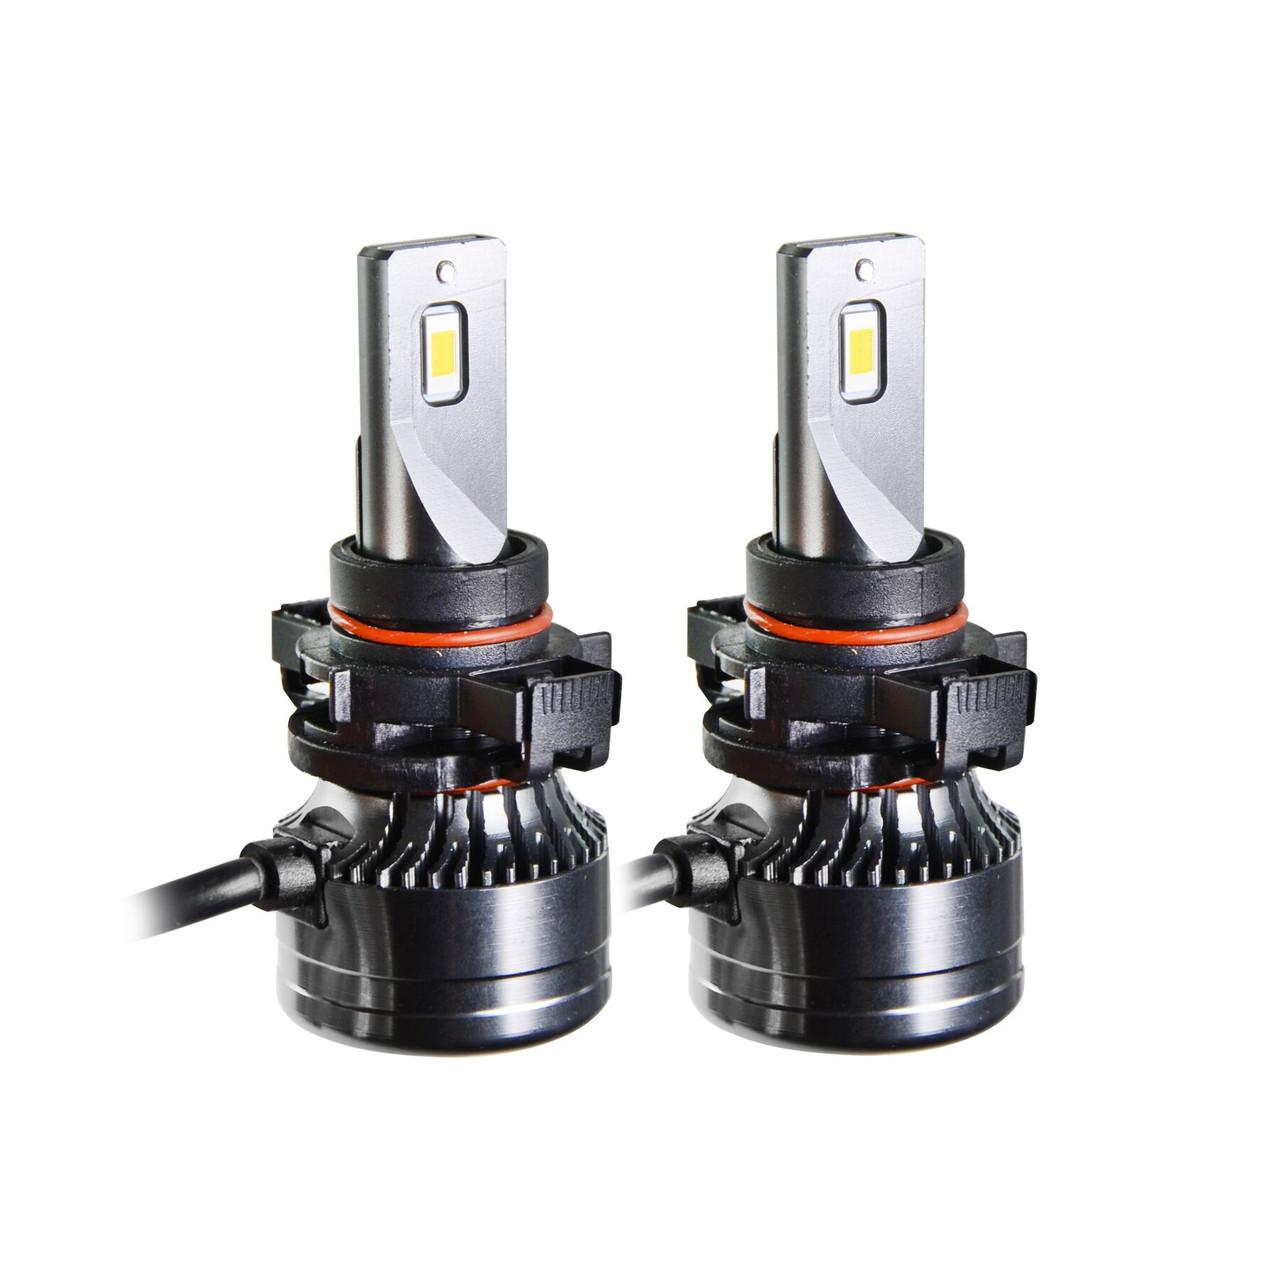 Светодиодные лампы MLux LED - ORANGE Line H16, 28 Вт, 4300°К